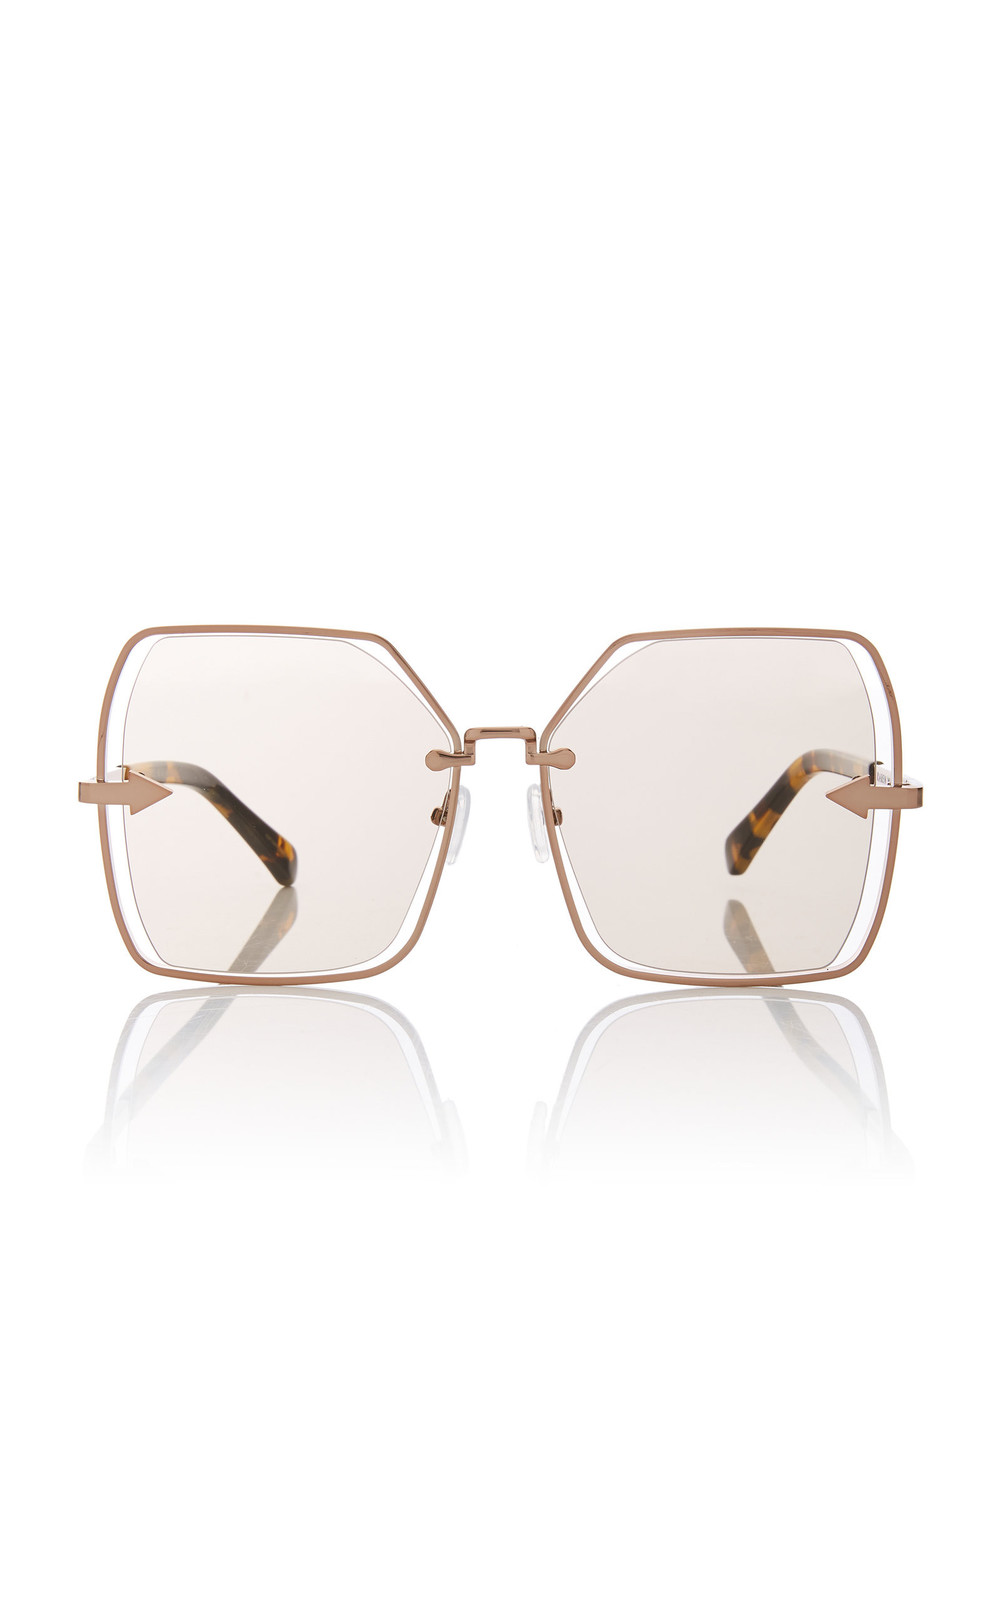 Karen Walker Nirvana Butterfly-Frame Gold-Tone Sunglasses in neutral